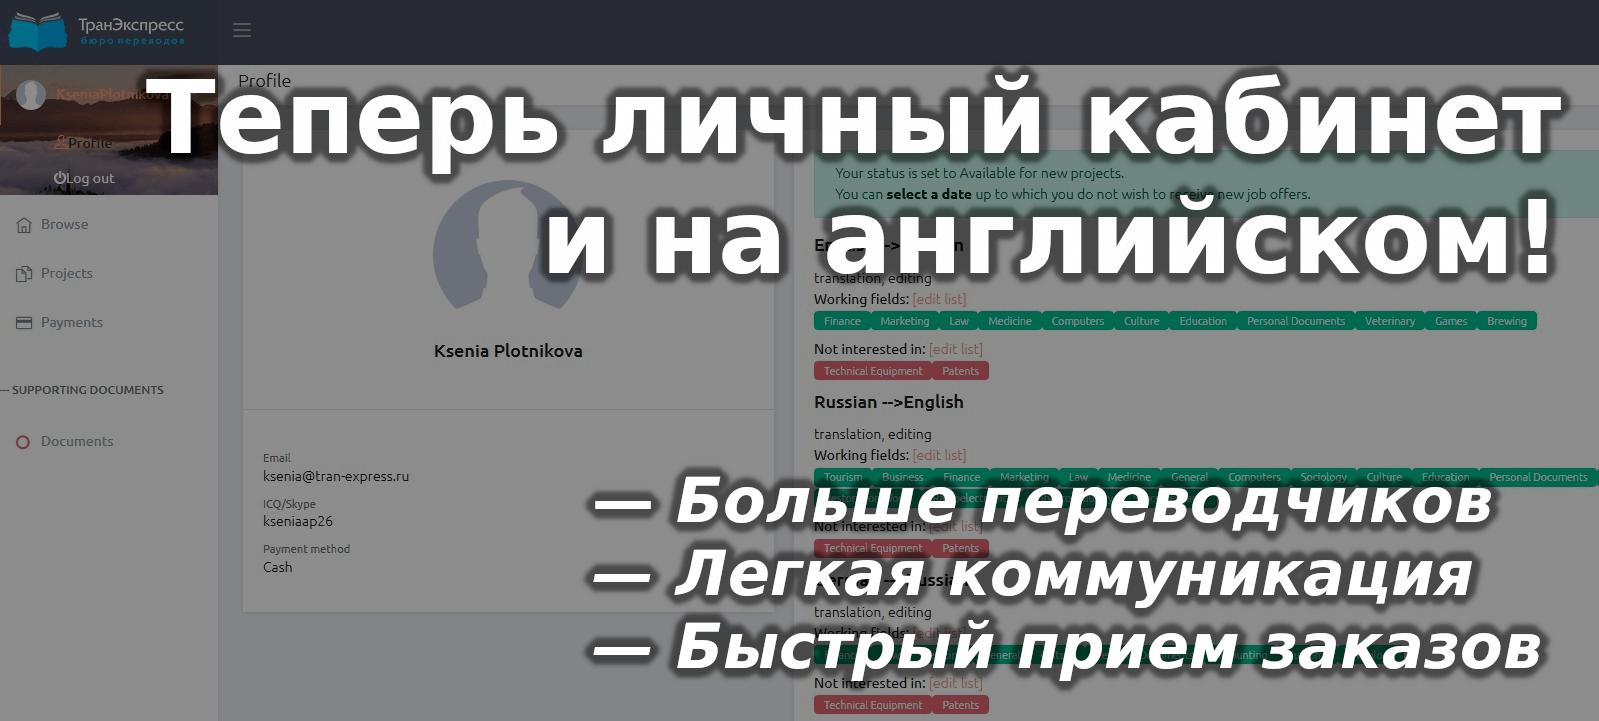 Обложка новости про перевод личного кабинета